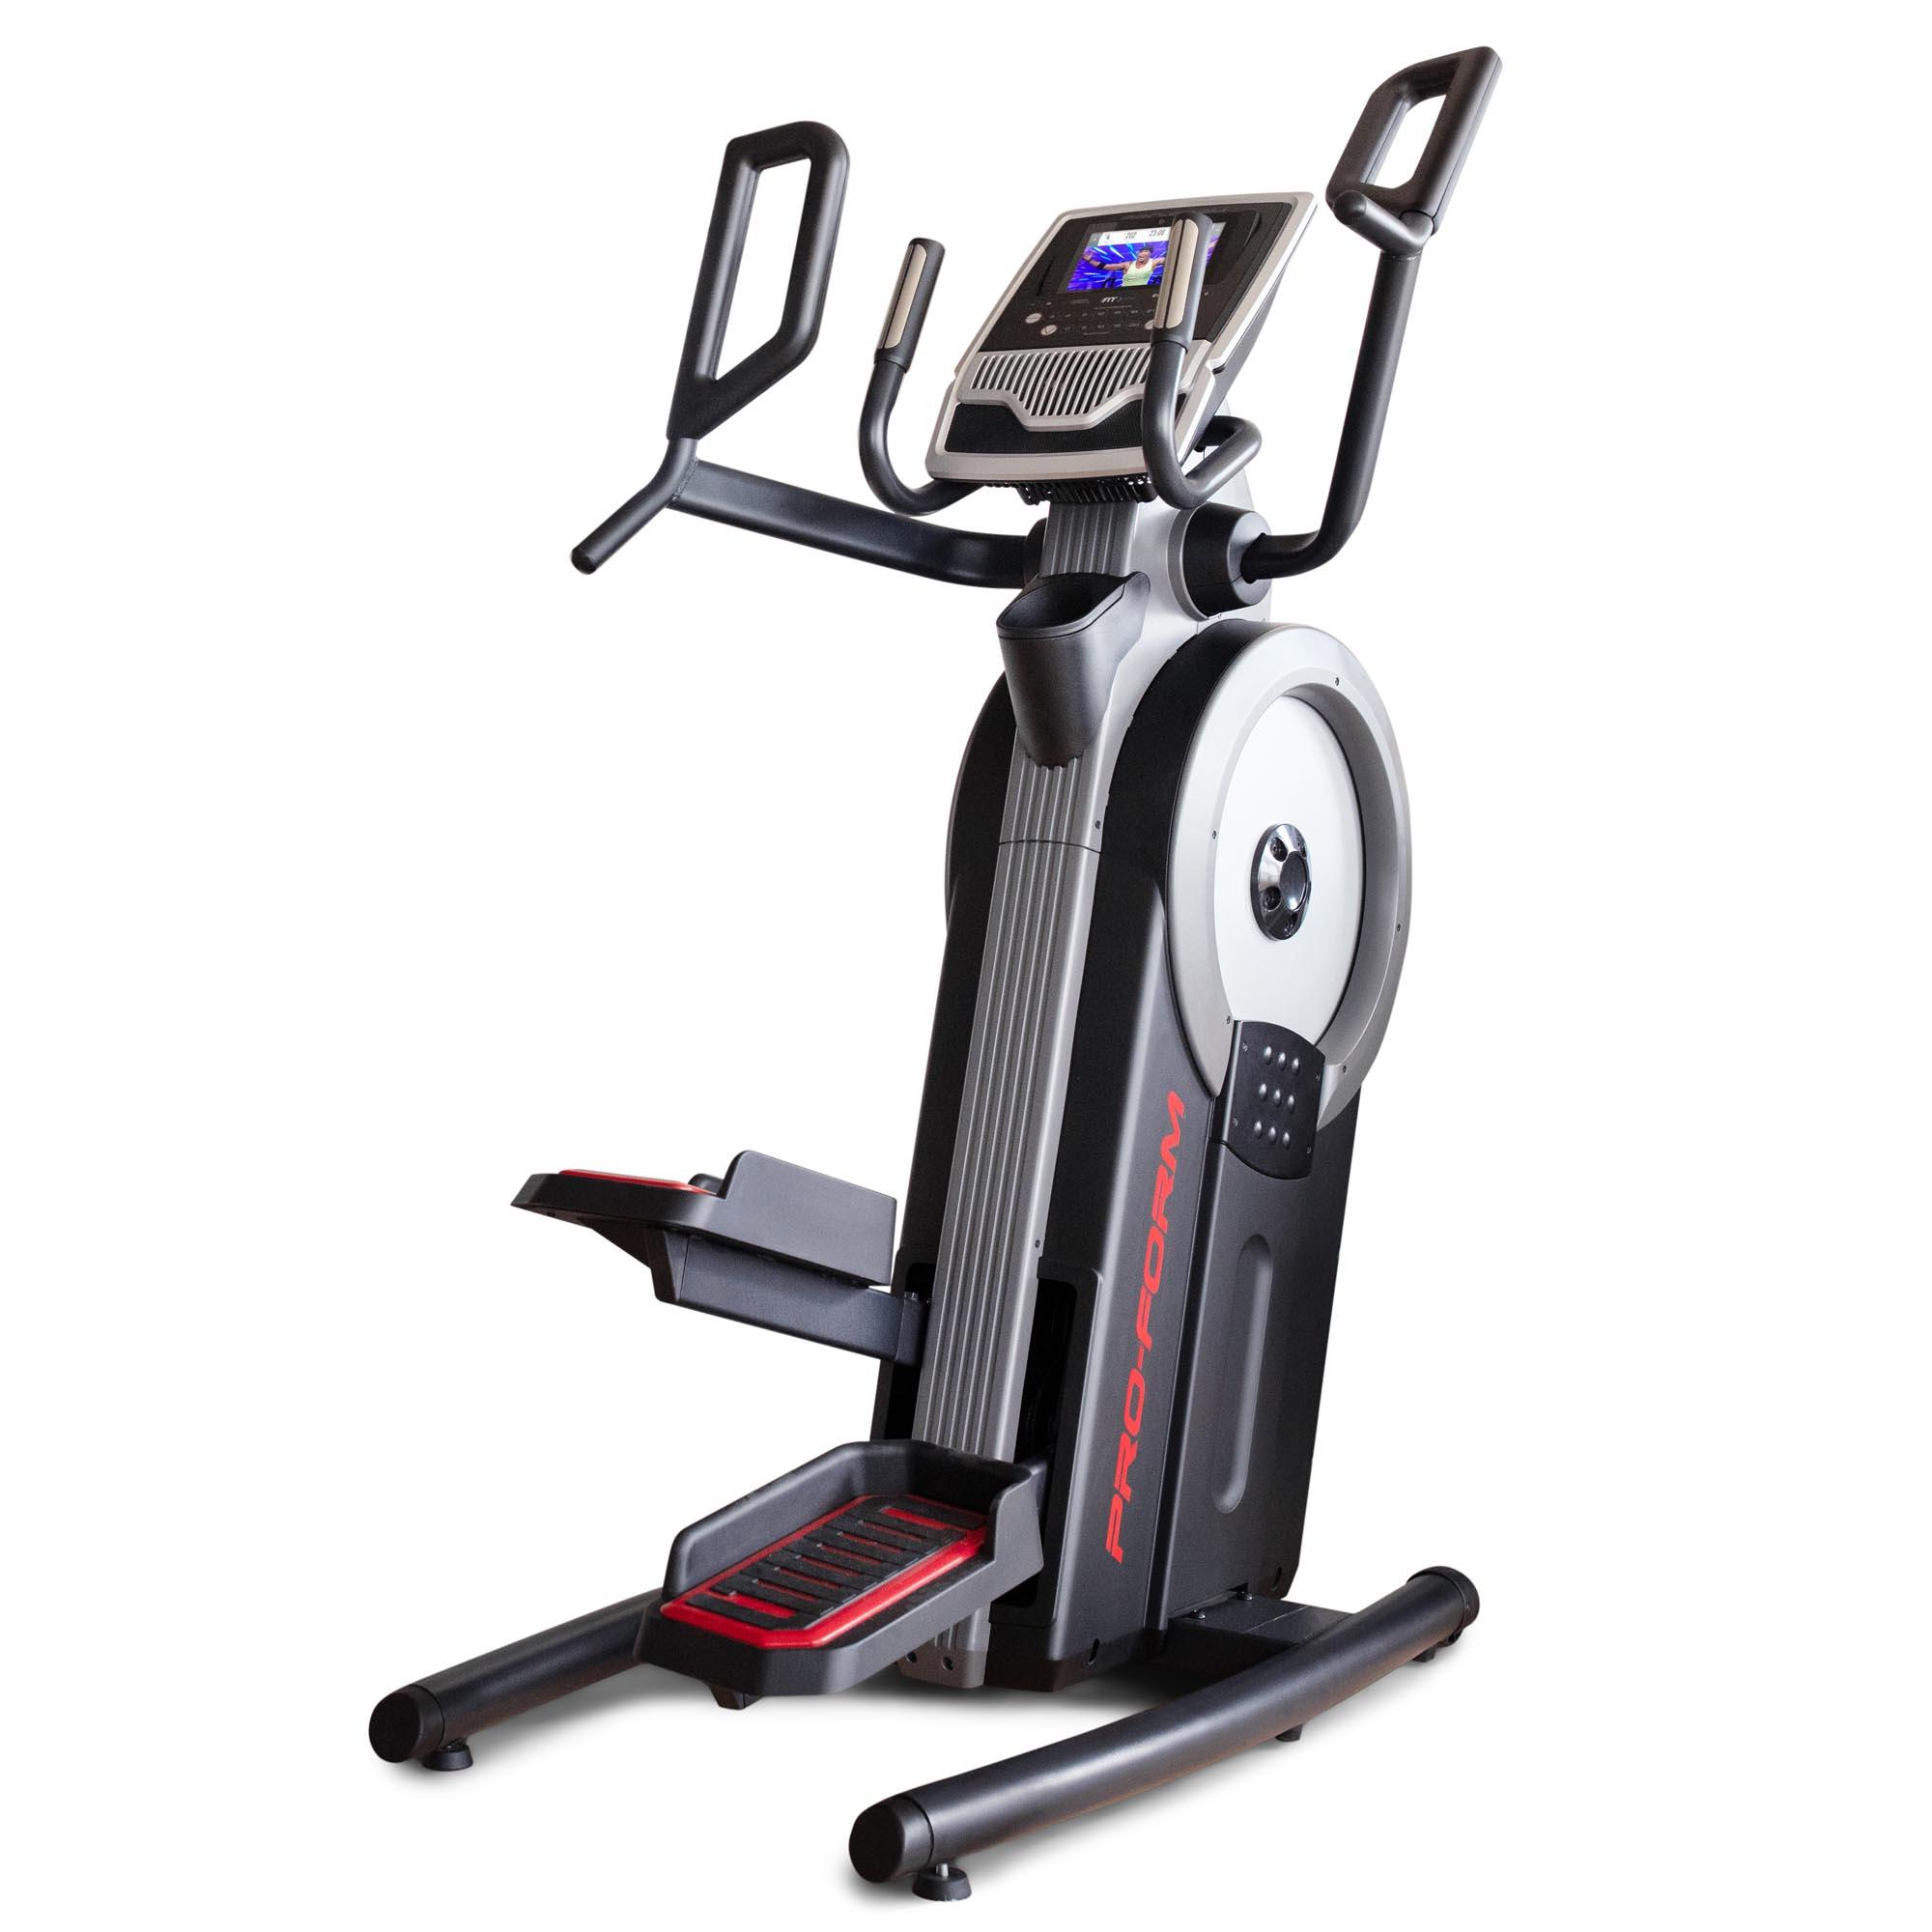 ProForm Cardio HIIT H7 Elliptical Cross Trainer